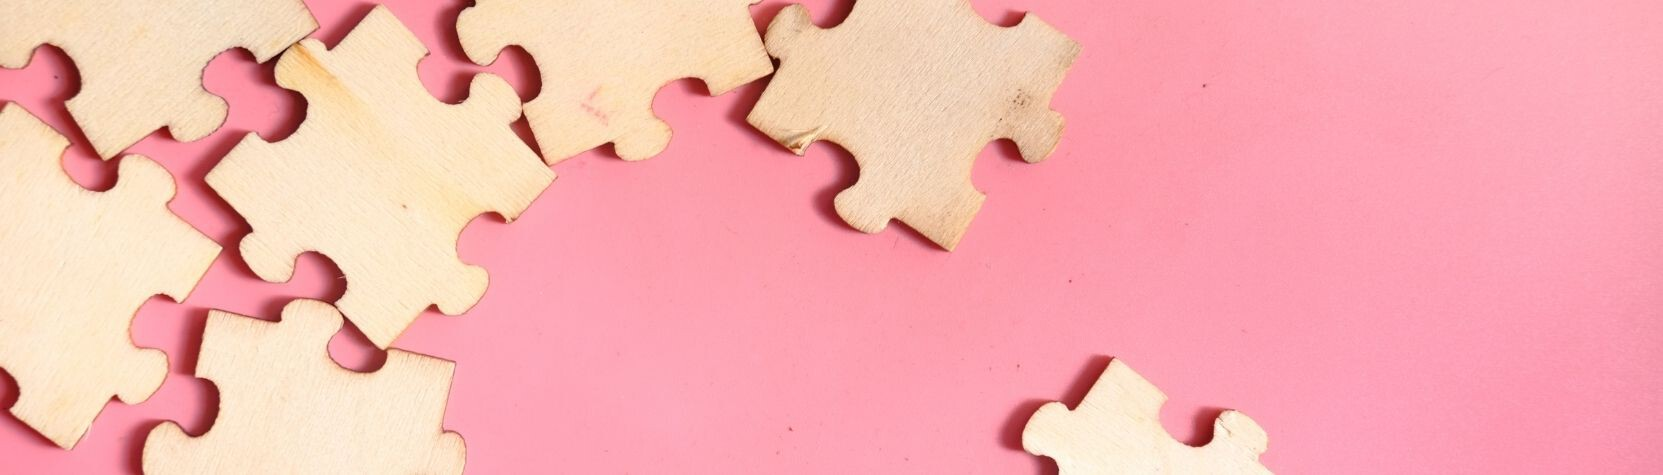 Vds training consultants blog traineeships zijn het enige middel om jong talent aan te trekken